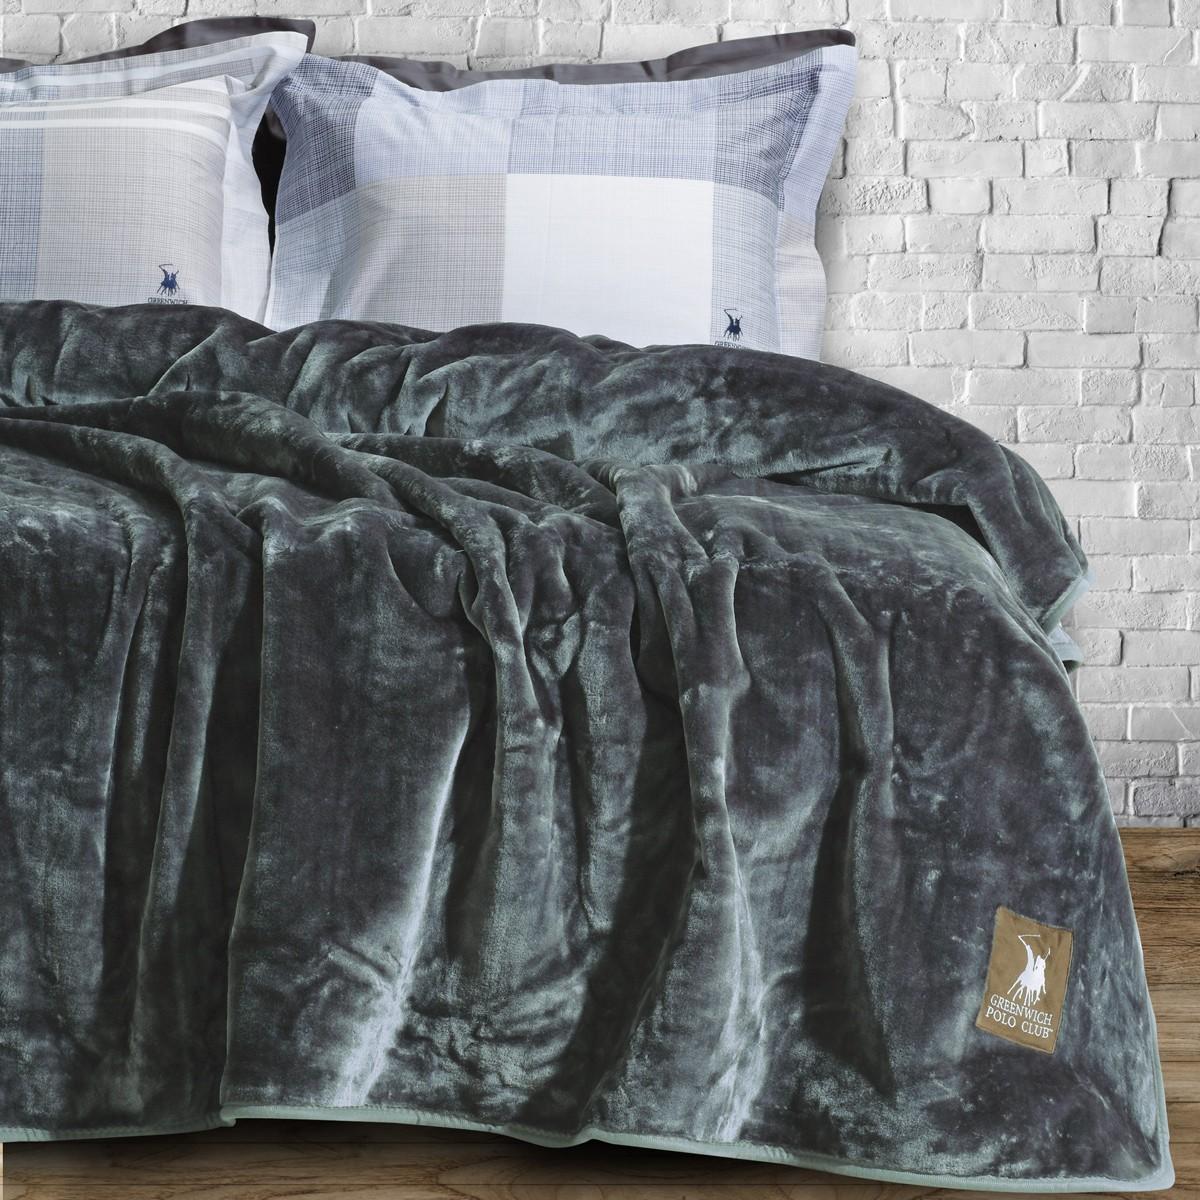 Κουβέρτα Βελουτέ Υπέρδιπλη Polo Club Essential Blanket 2405